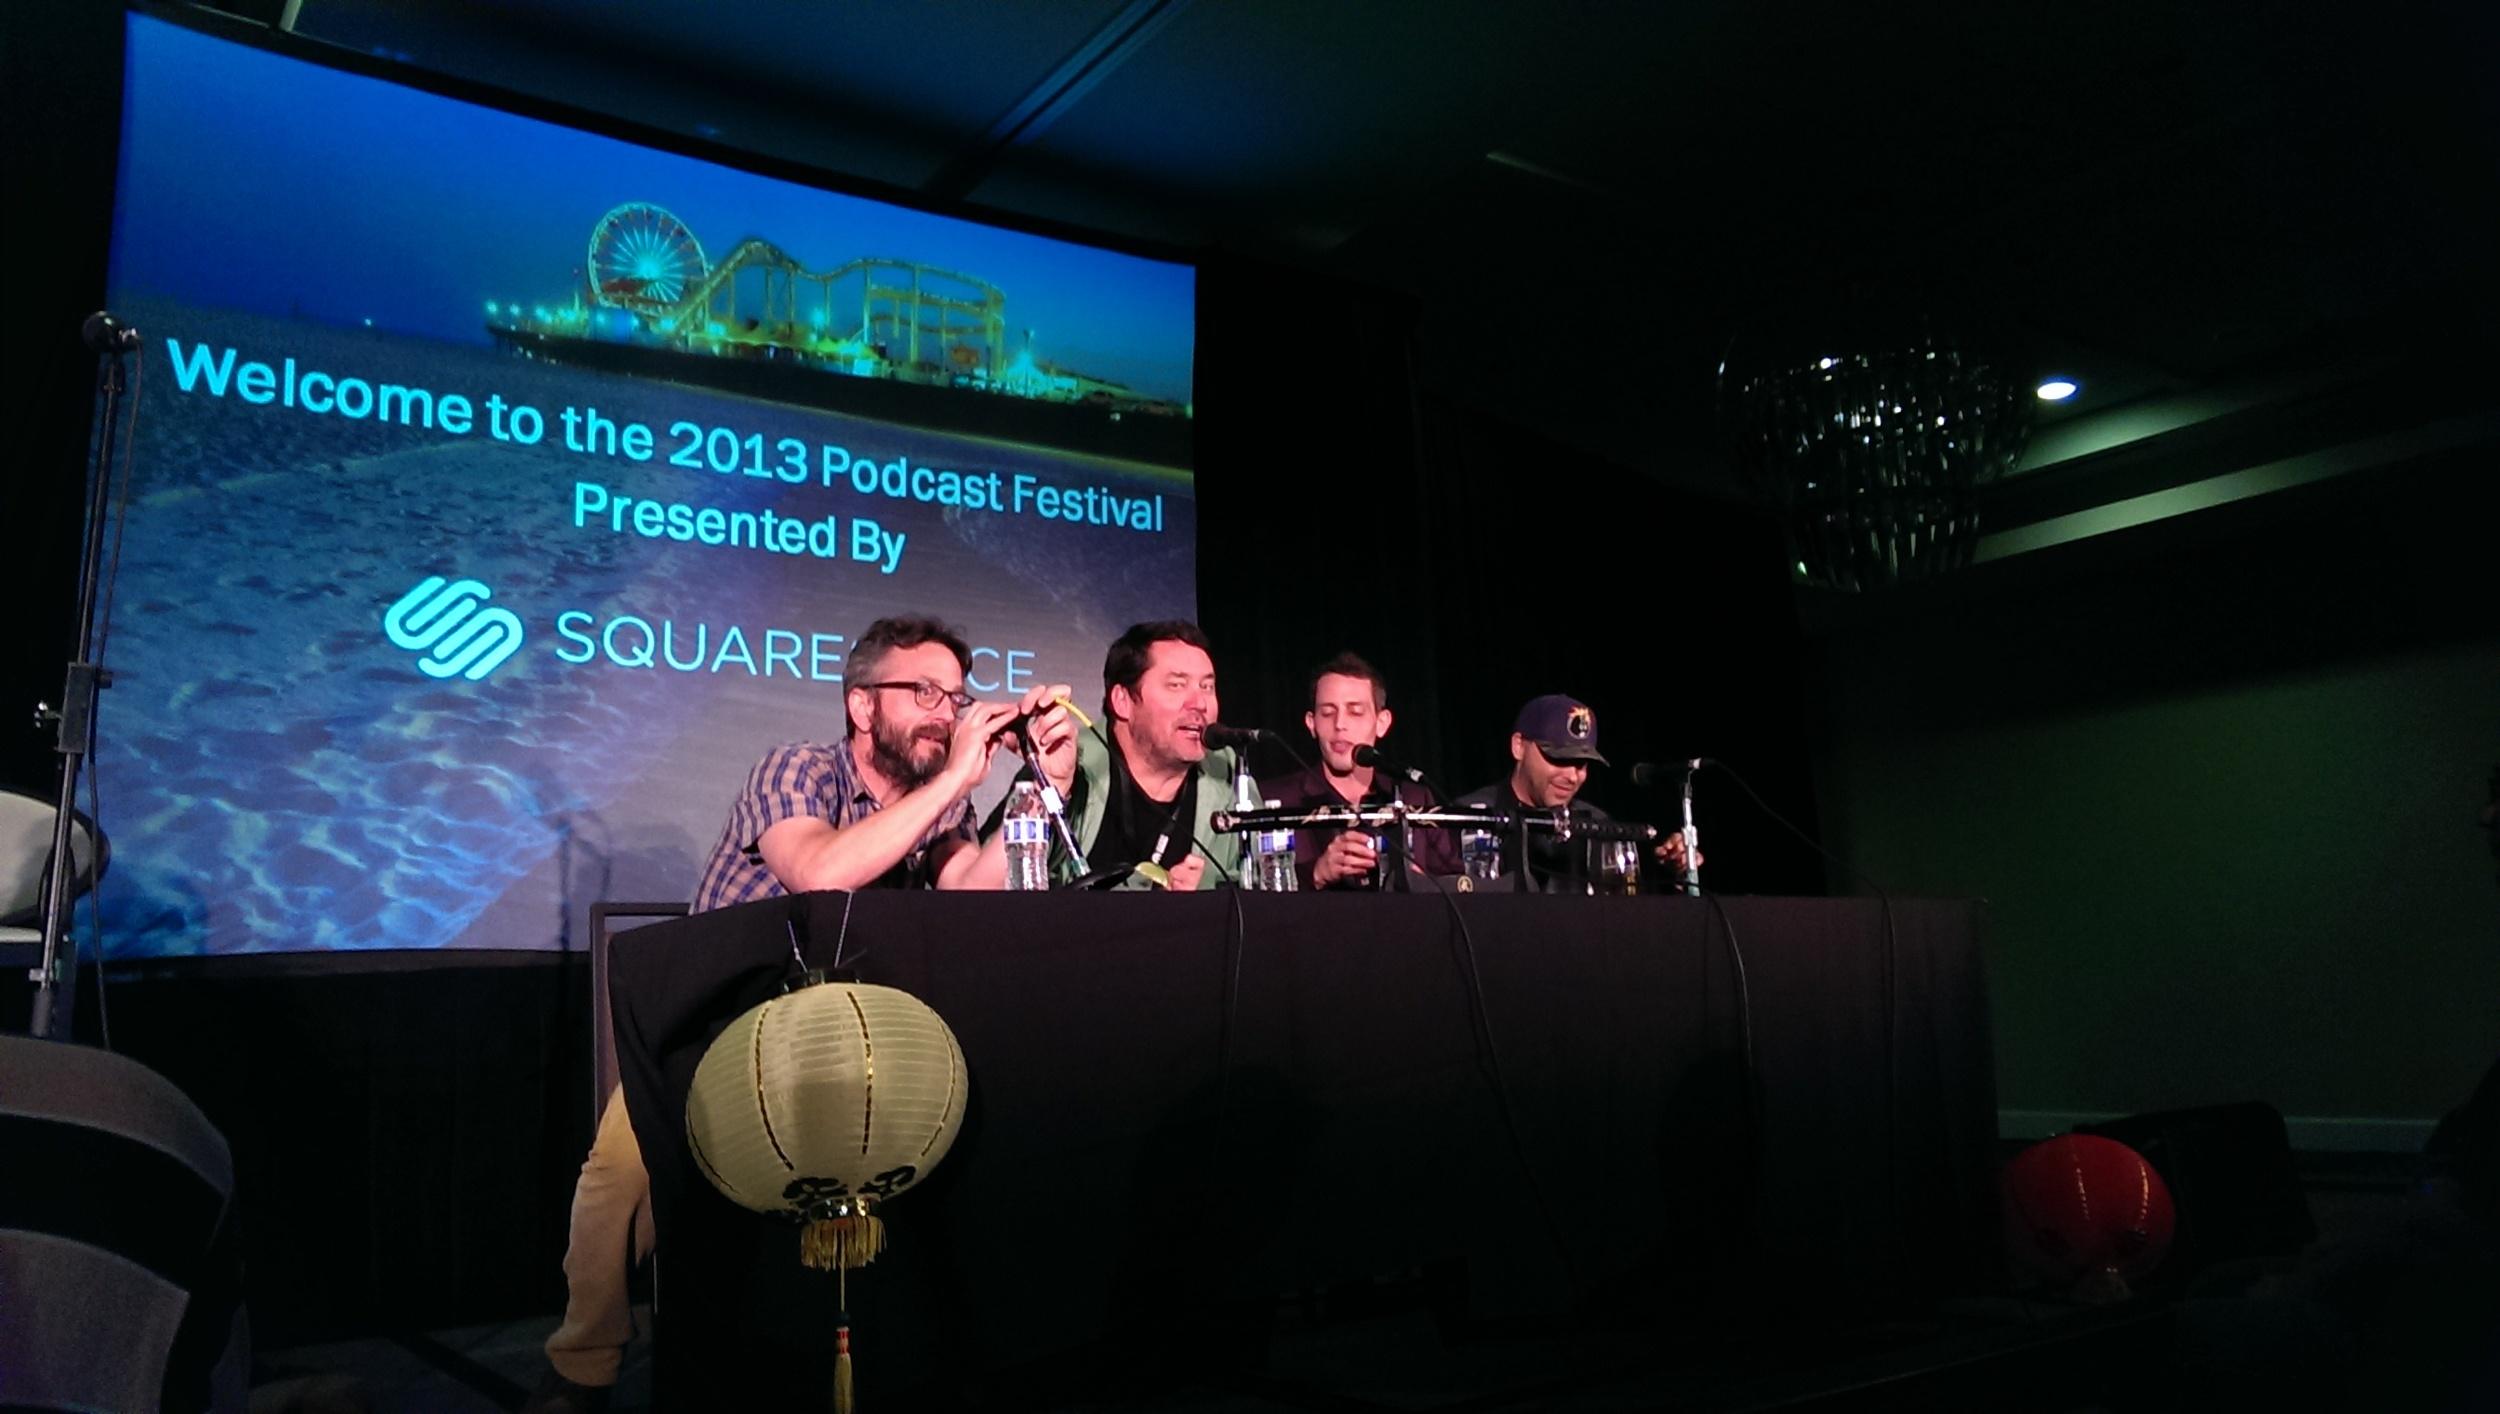 Marc Maron, Doug benson, Tony Hinchcliffe and Brian Redban on #KillTony